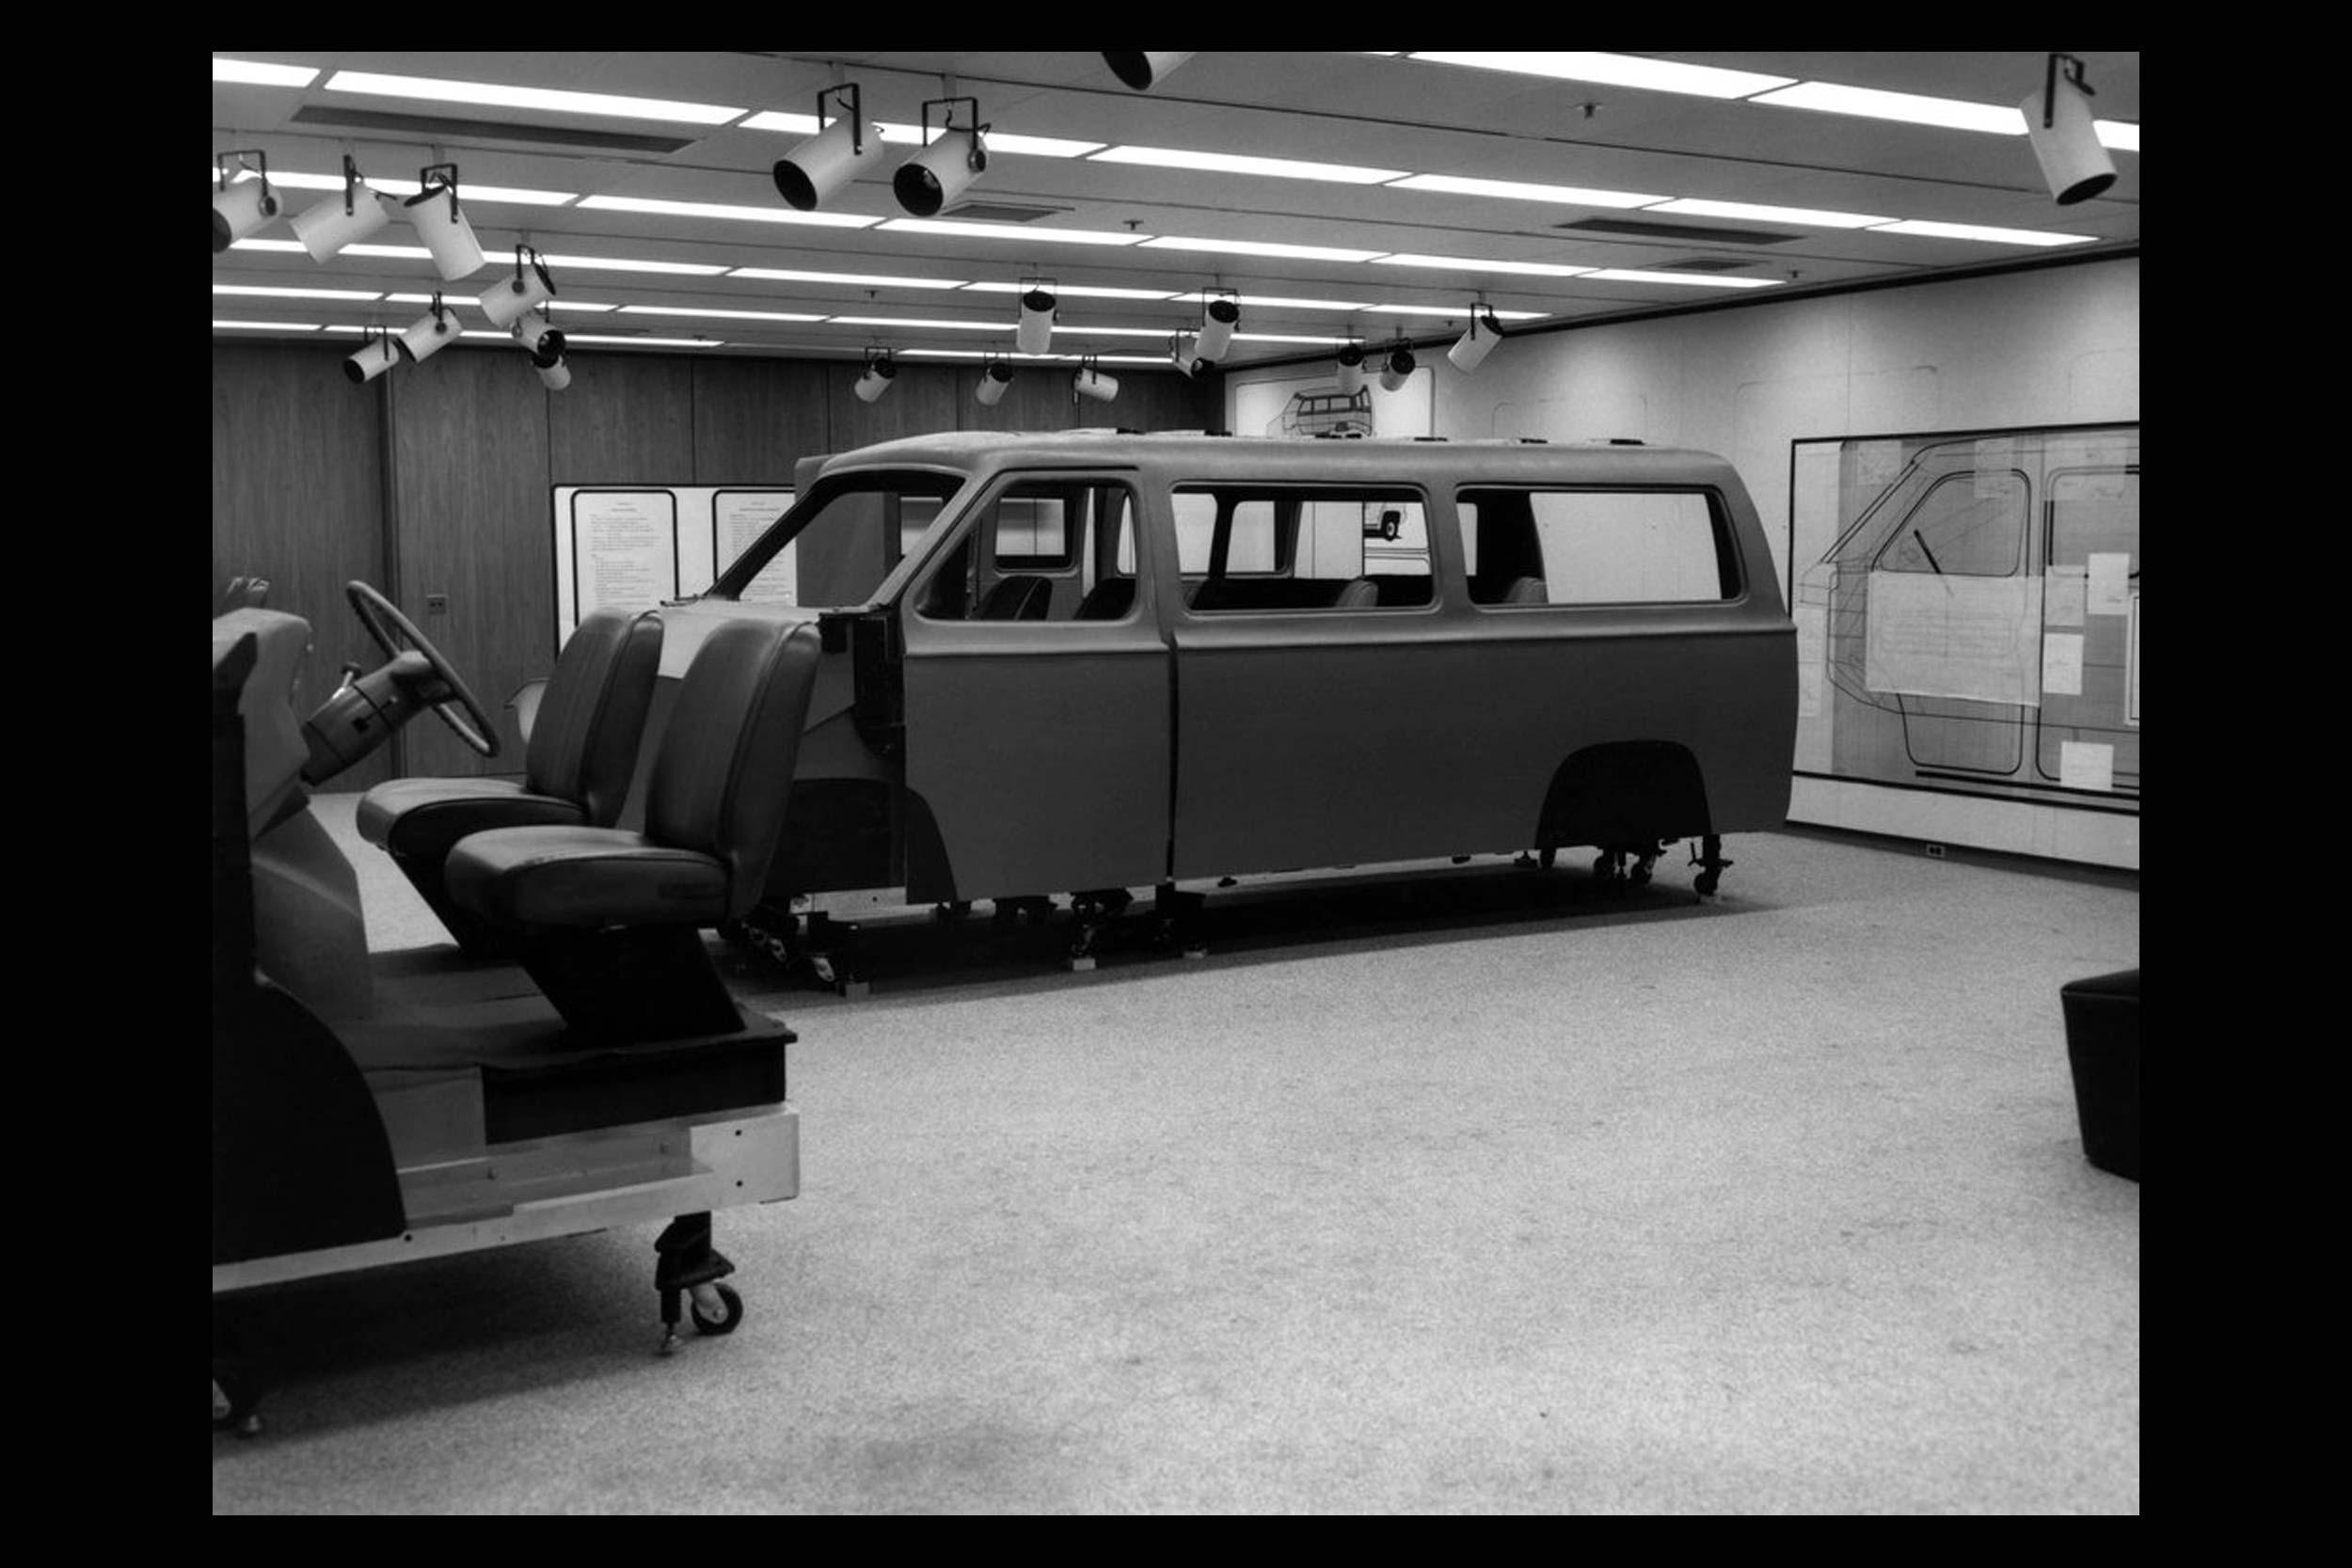 1970s Chrysler Van concept